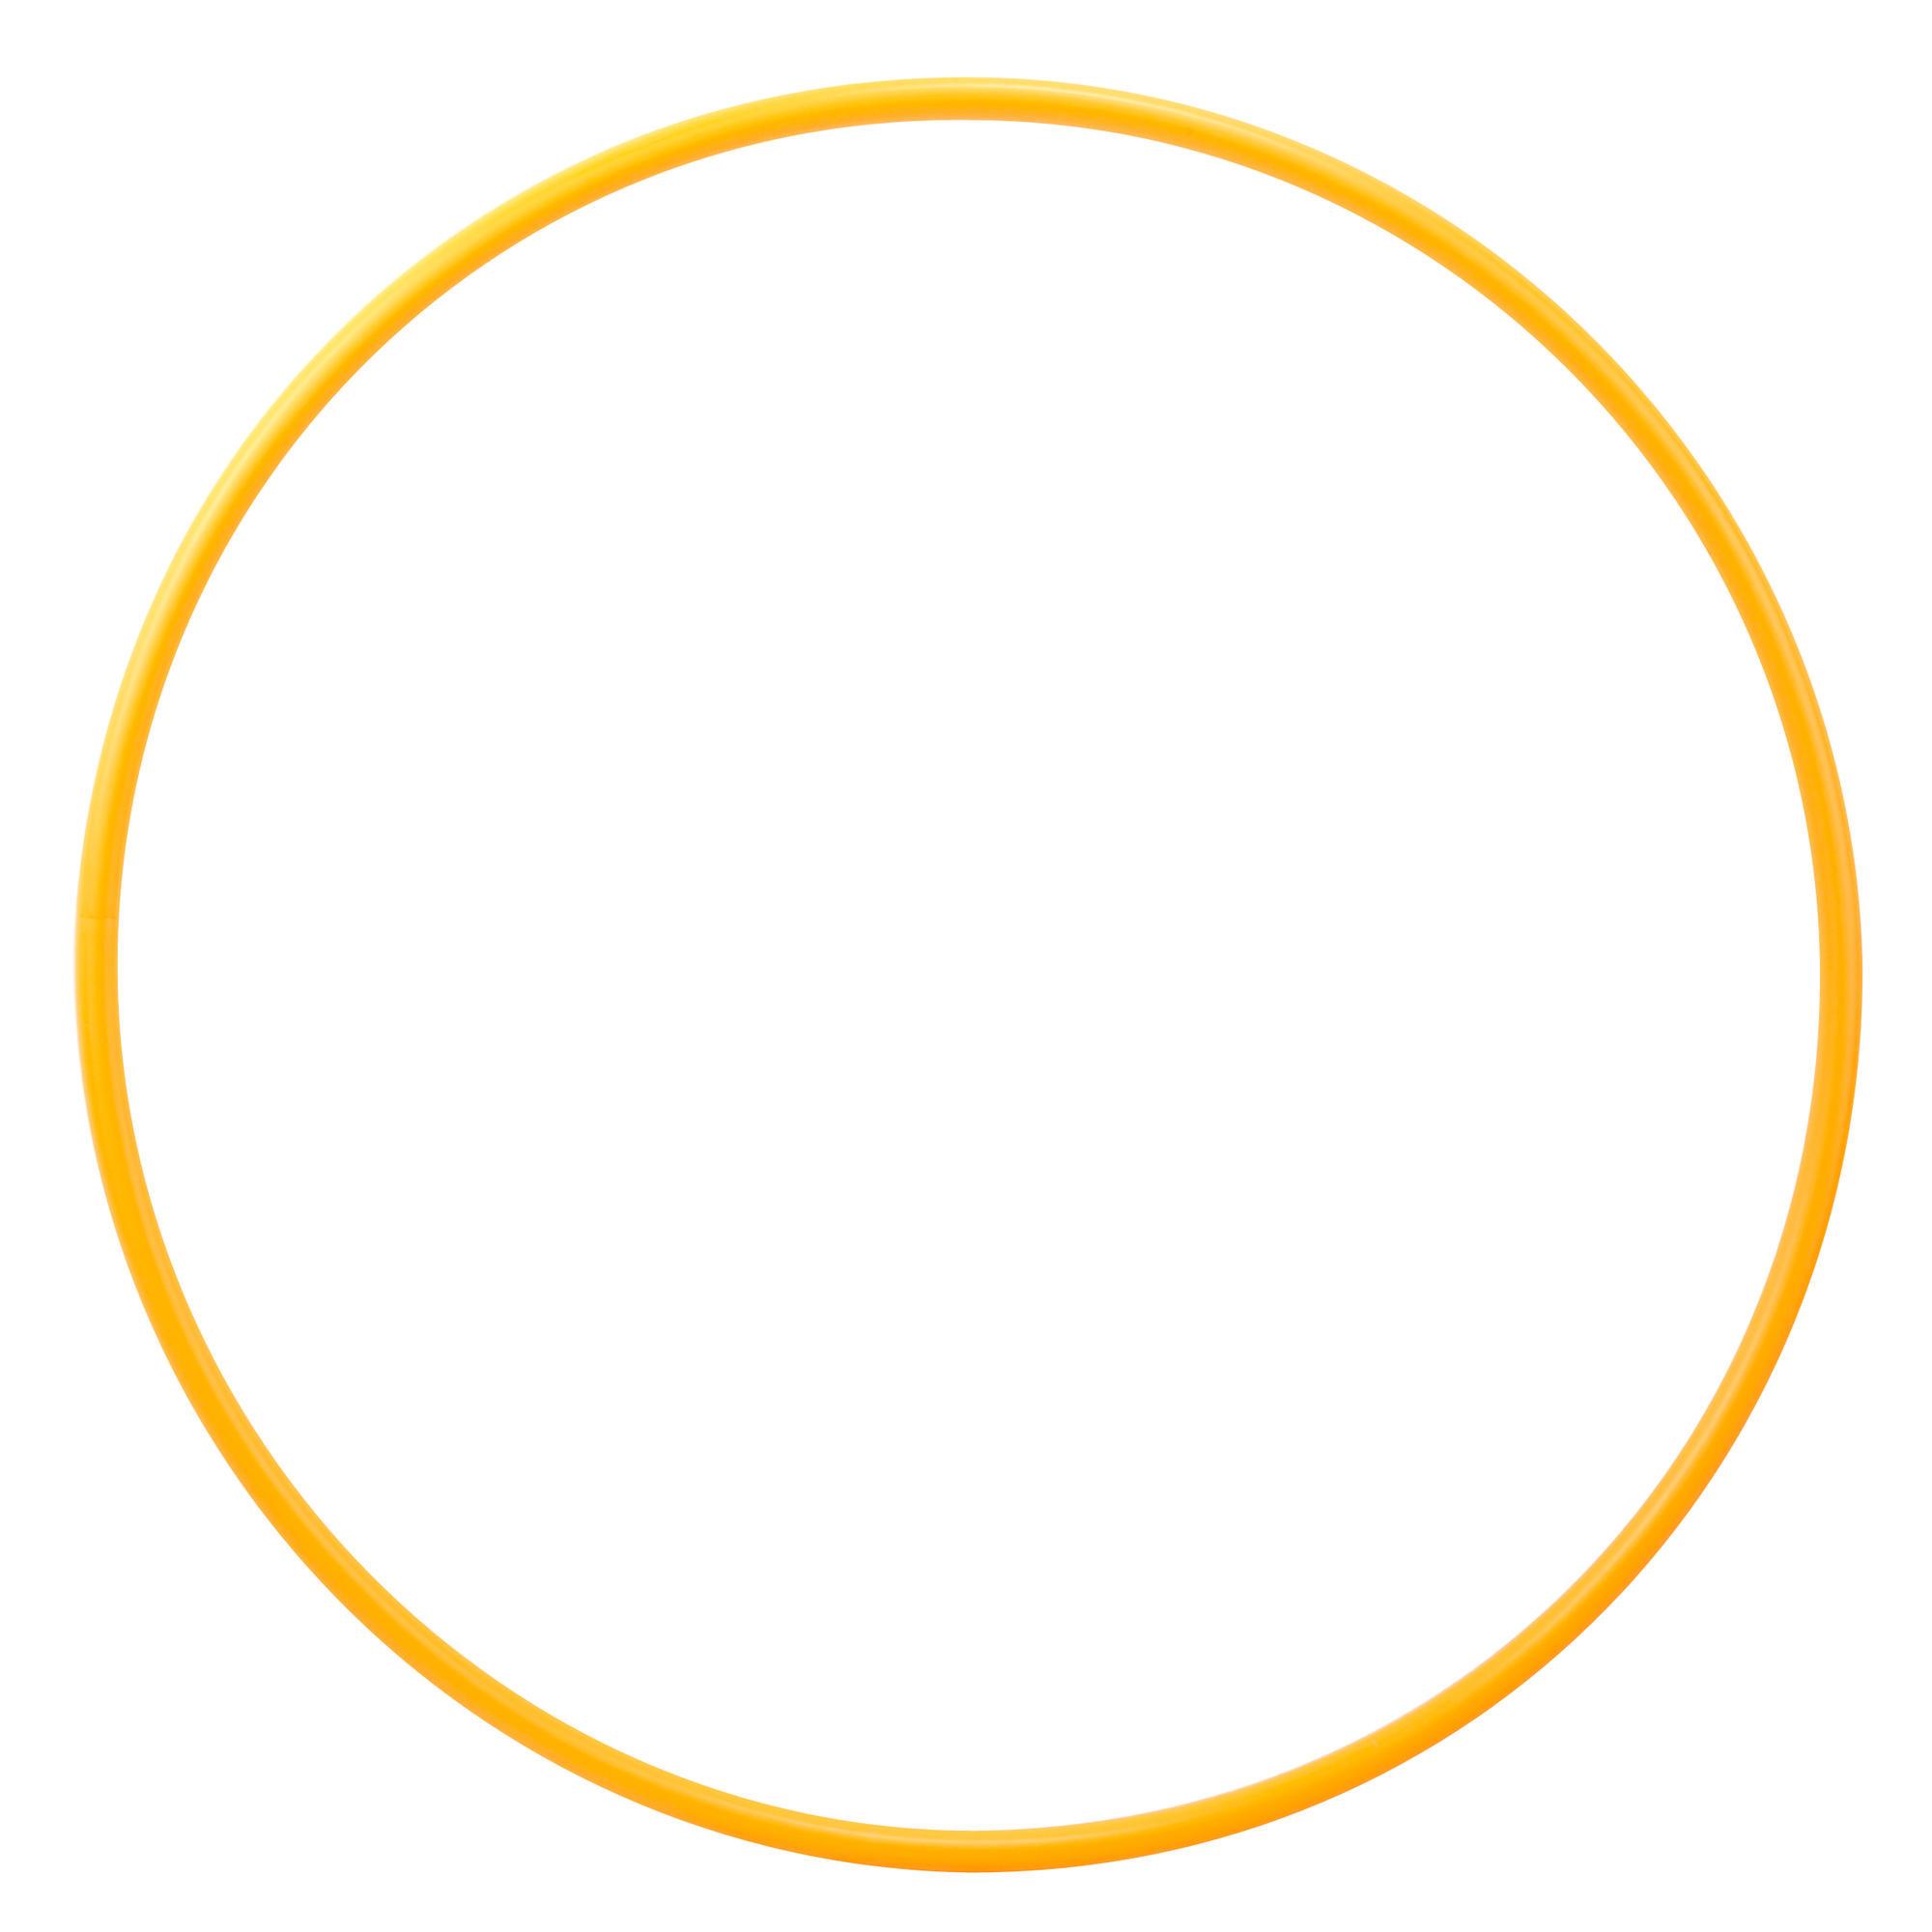 Cerchio ginnastica ritmica 75cm arancione | Domyos by